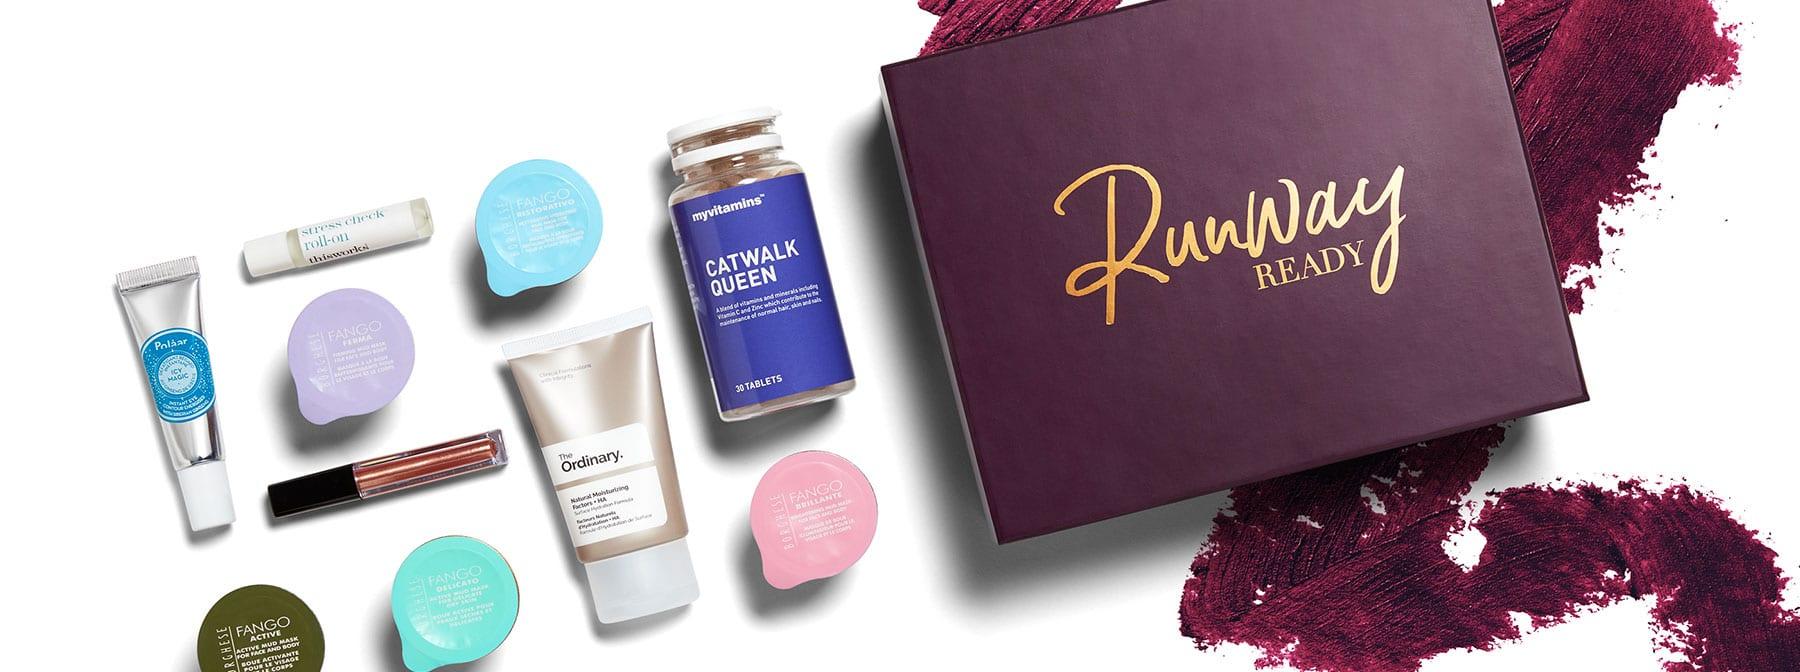 La beauty Box de février édition Runway Ready